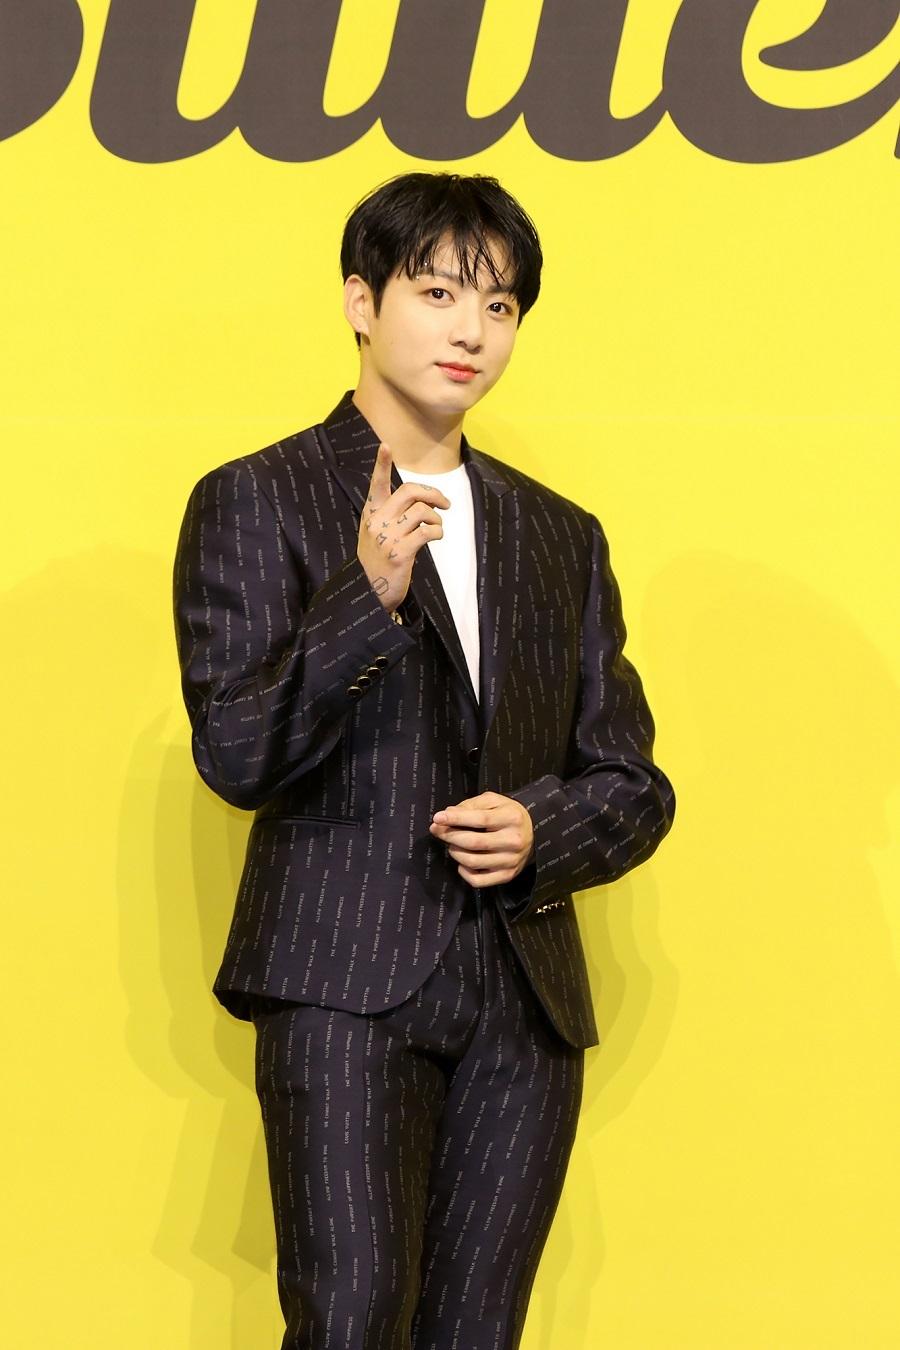 BTS JUNG KOOK_Butter GlobalPress (1)